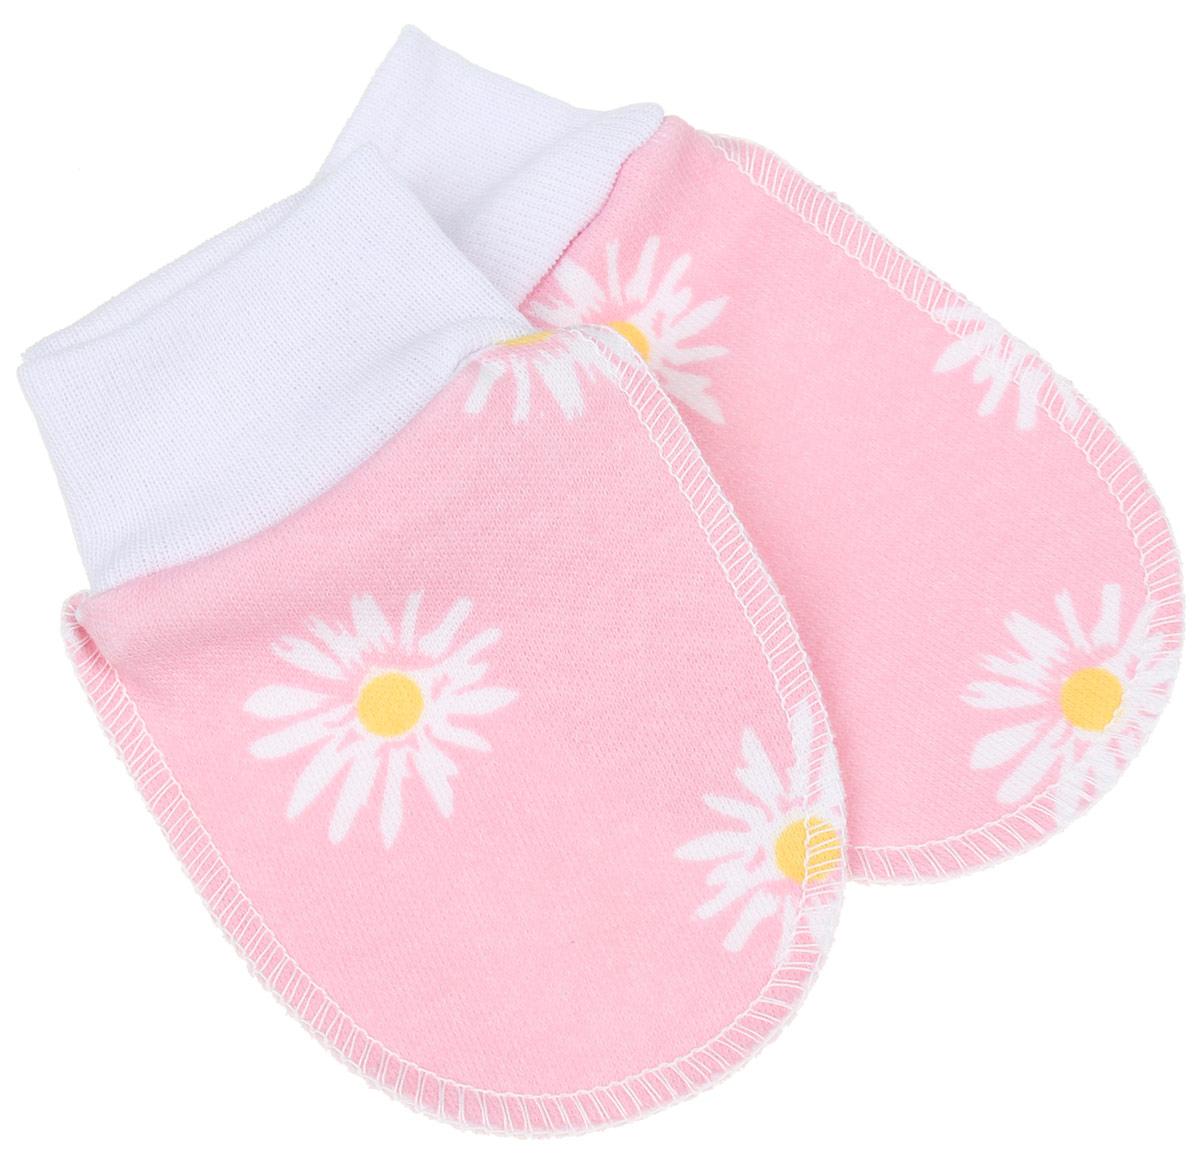 Рукавички для новорожденного Трон-плюс, цвет: розовый, белый, желтый. 5916_ВЛ15_ромашки. Размер 62, 3 месяца5916_ВЛ15_ромашкиРукавички для новорожденного Трон-плюс обеспечат вашему ребенку комфорт во время сна и бодрствования, предохраняя нежную кожу от царапин. Изделие изготовлено из натурального хлопка, отлично пропускает воздух, обеспечивая комфорт. Швы выполнены наружу, что будет для малыша особенно удобным. Рукавички имеют широкие эластичные манжеты, которые не пережимают ручку ребенка. Модель оформлена принтом с изображением ромашек.Мягкие рукавички сделают сон вашего ребенка спокойным и безопасным.